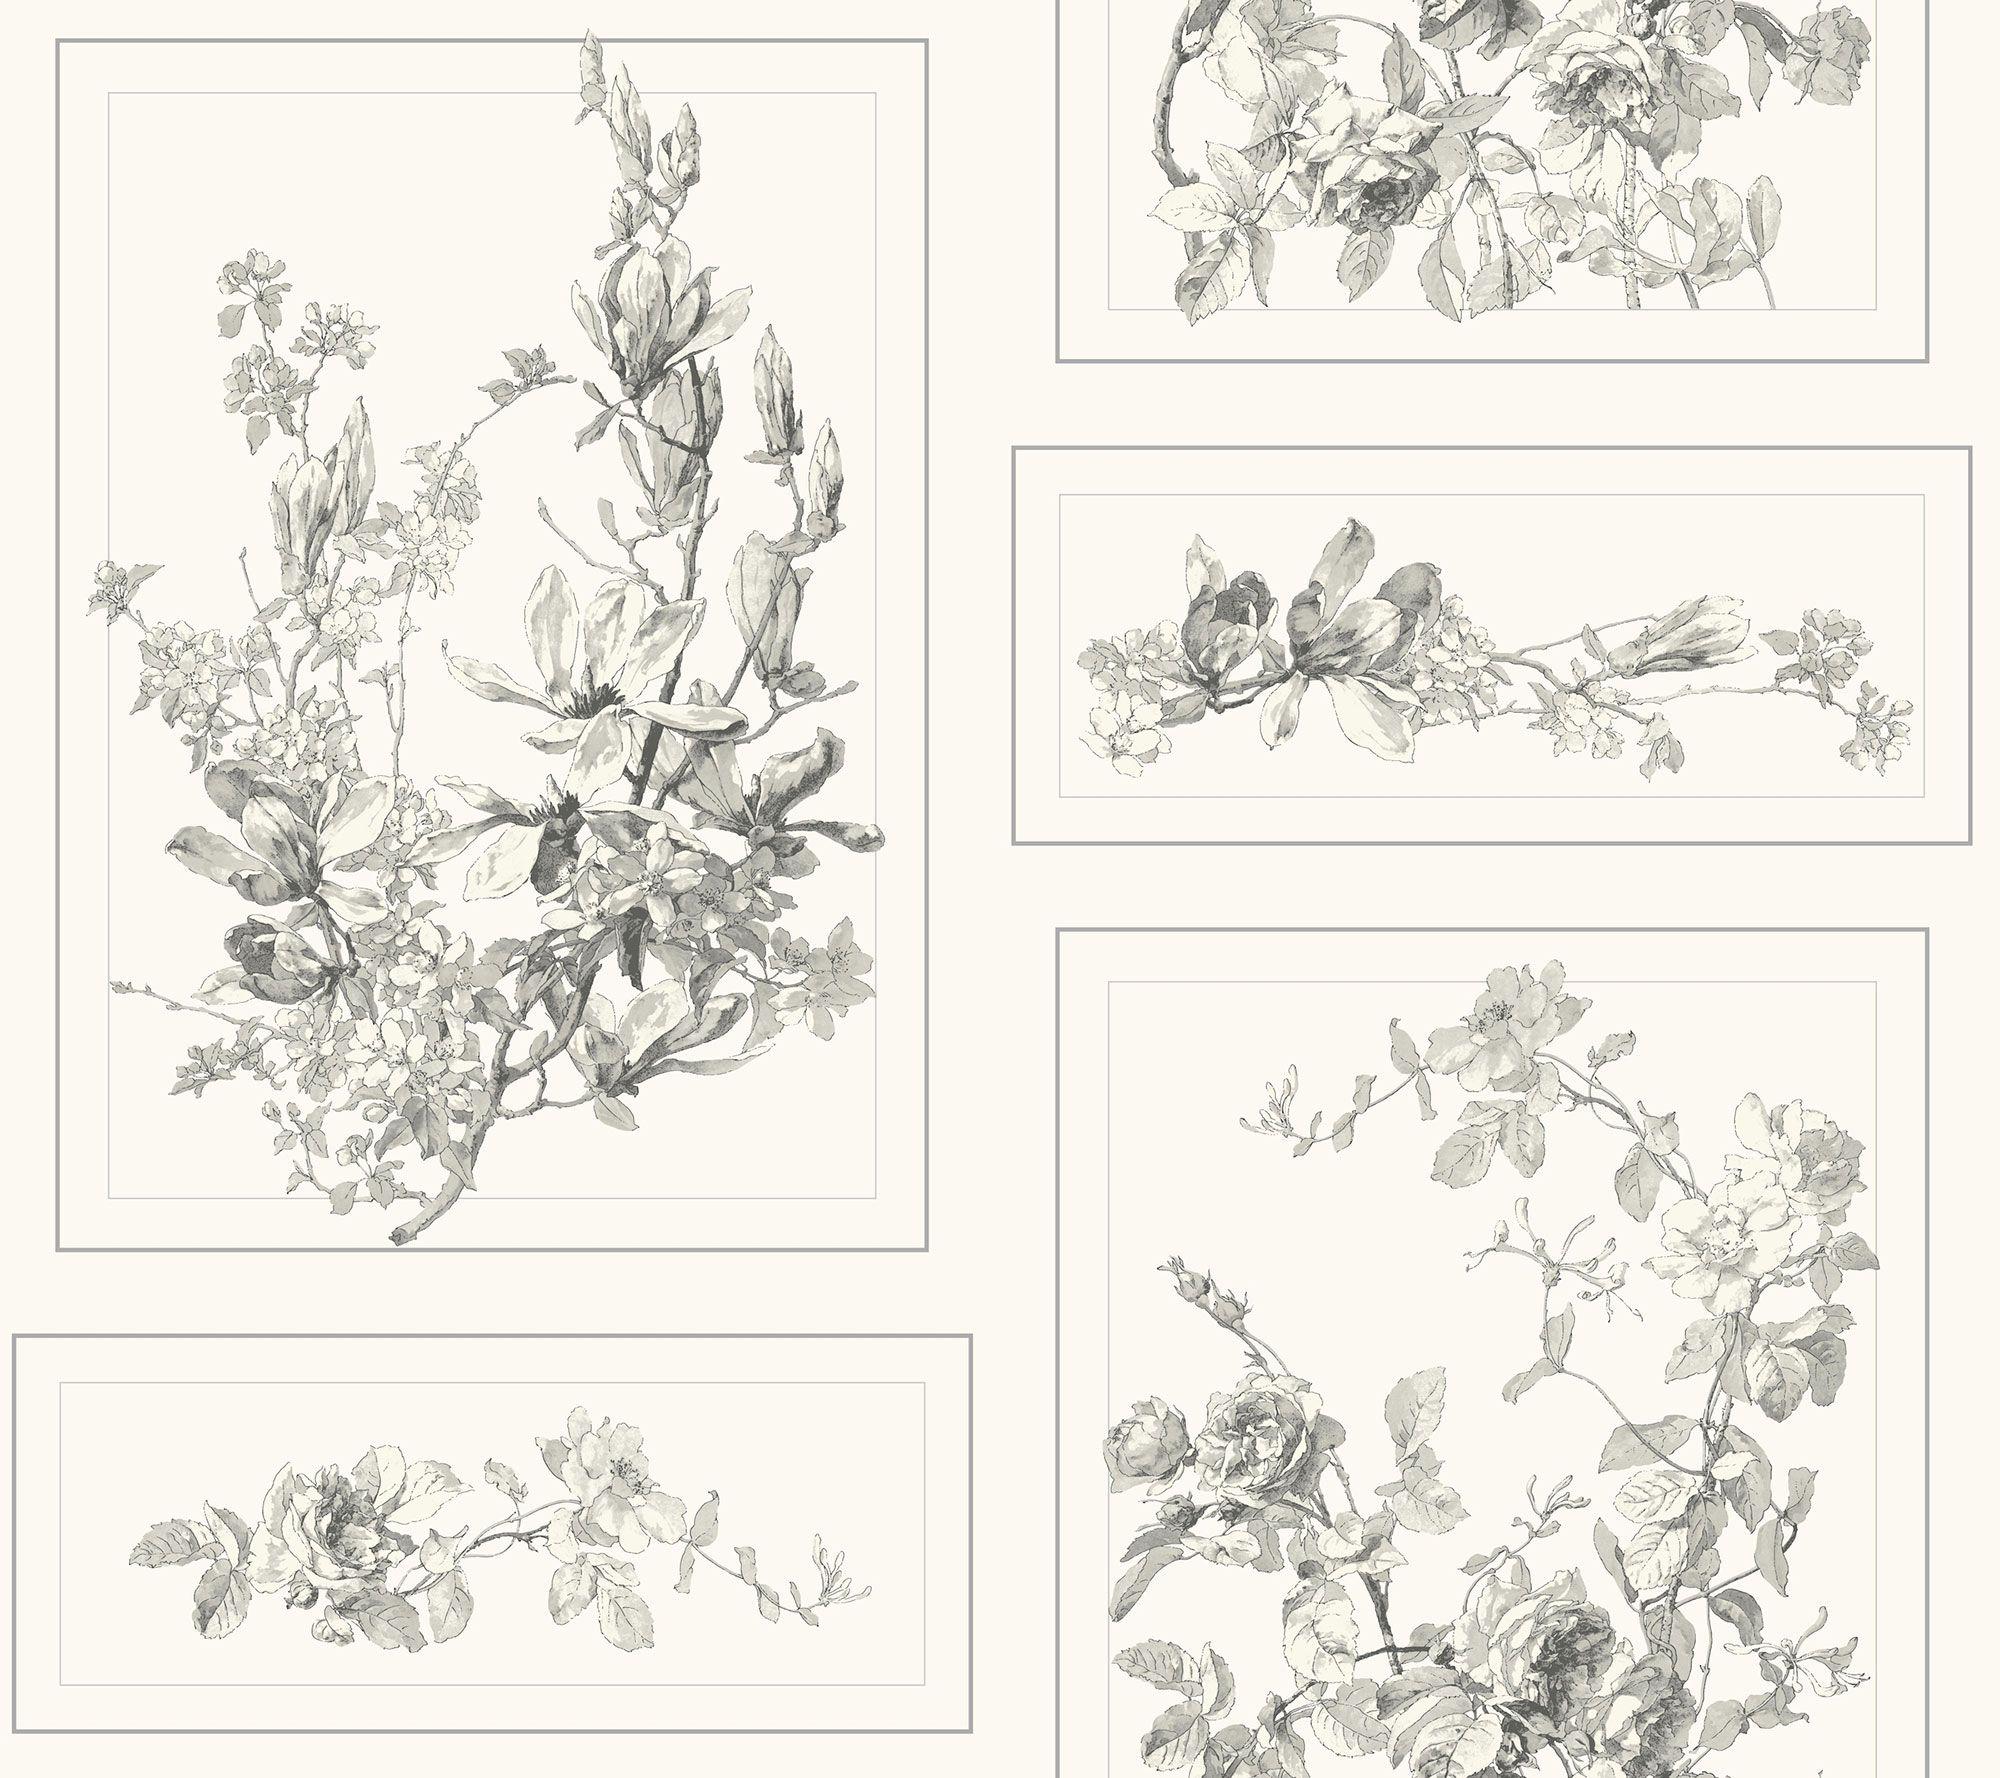 Magnolia Home The Magnolia Wallpaper Gray & Off white